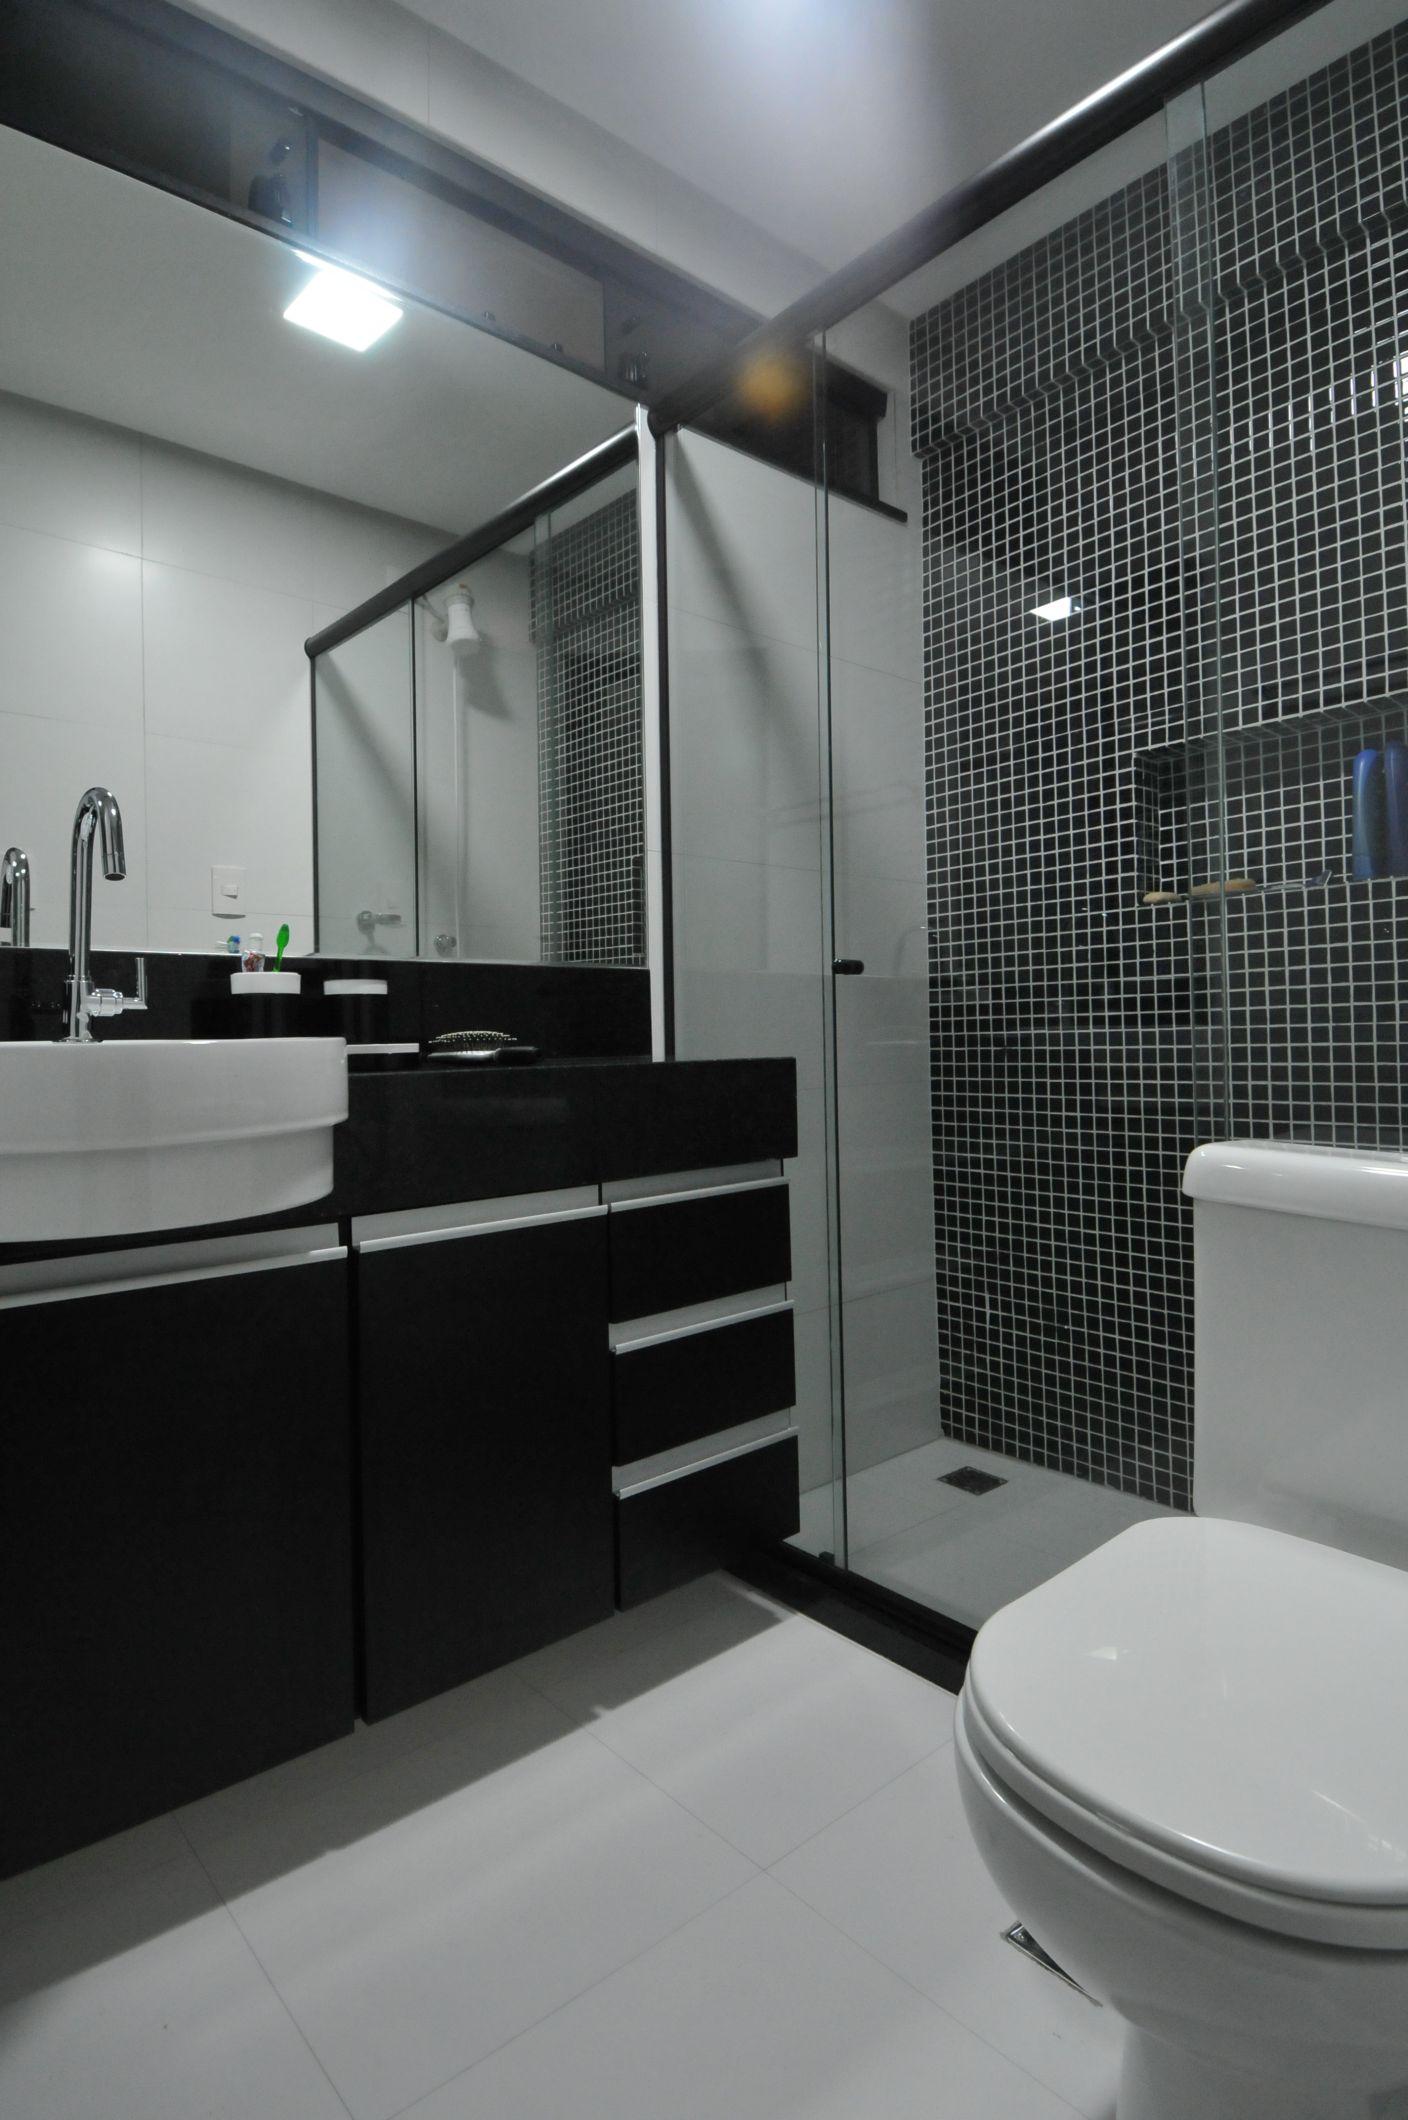 para o banheiro:de Banheiro com Pastilhas Ótima opção para  #6A614C 1408 2120